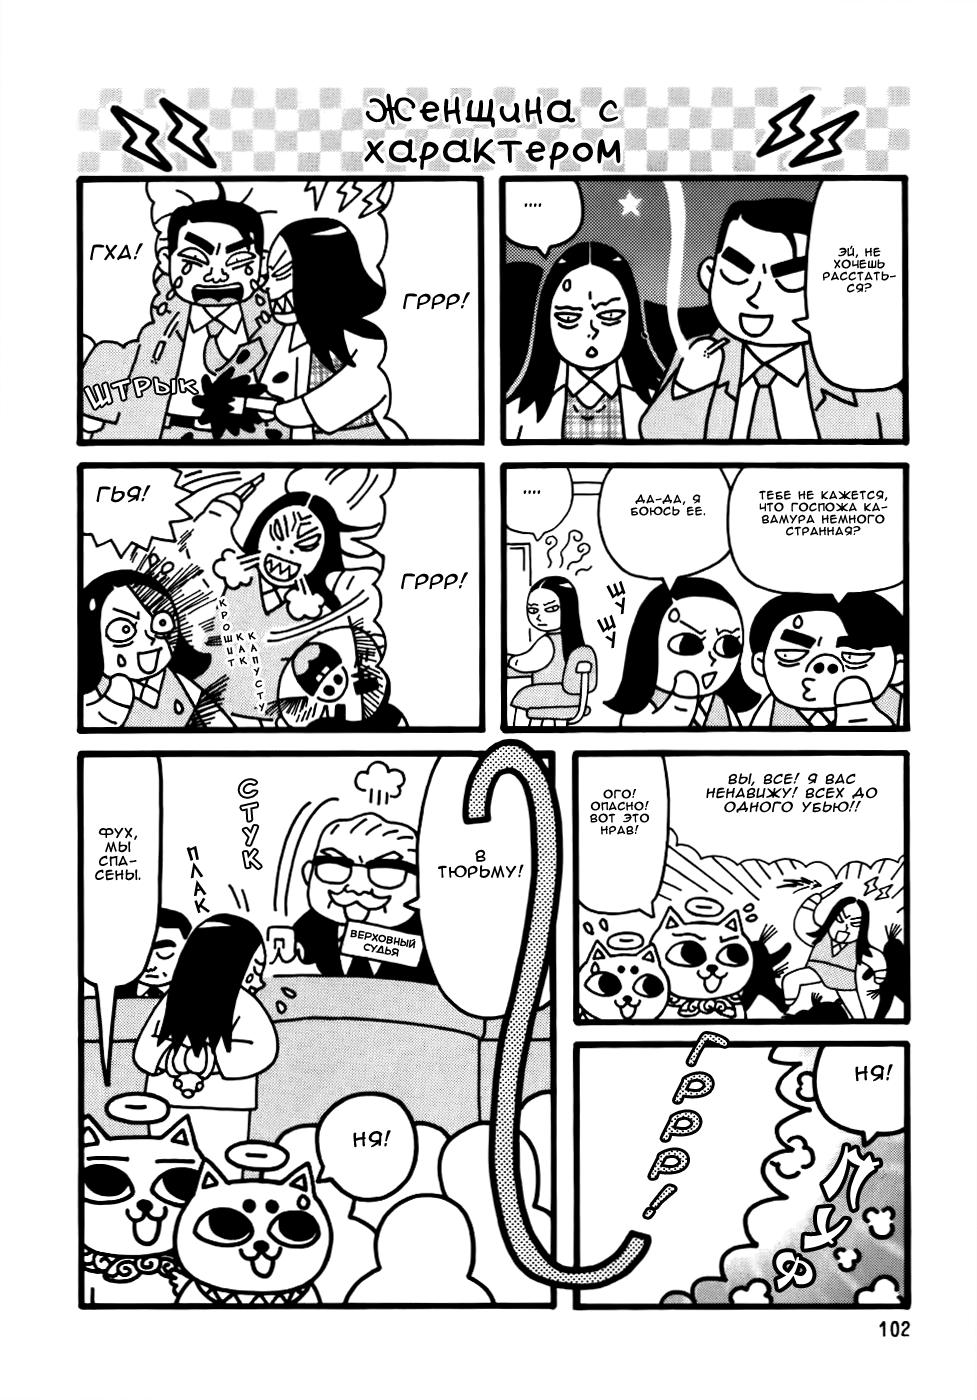 https://r2.ninemanga.com/comics/pic4/43/34923/1343681/1558275628849.png Page 7